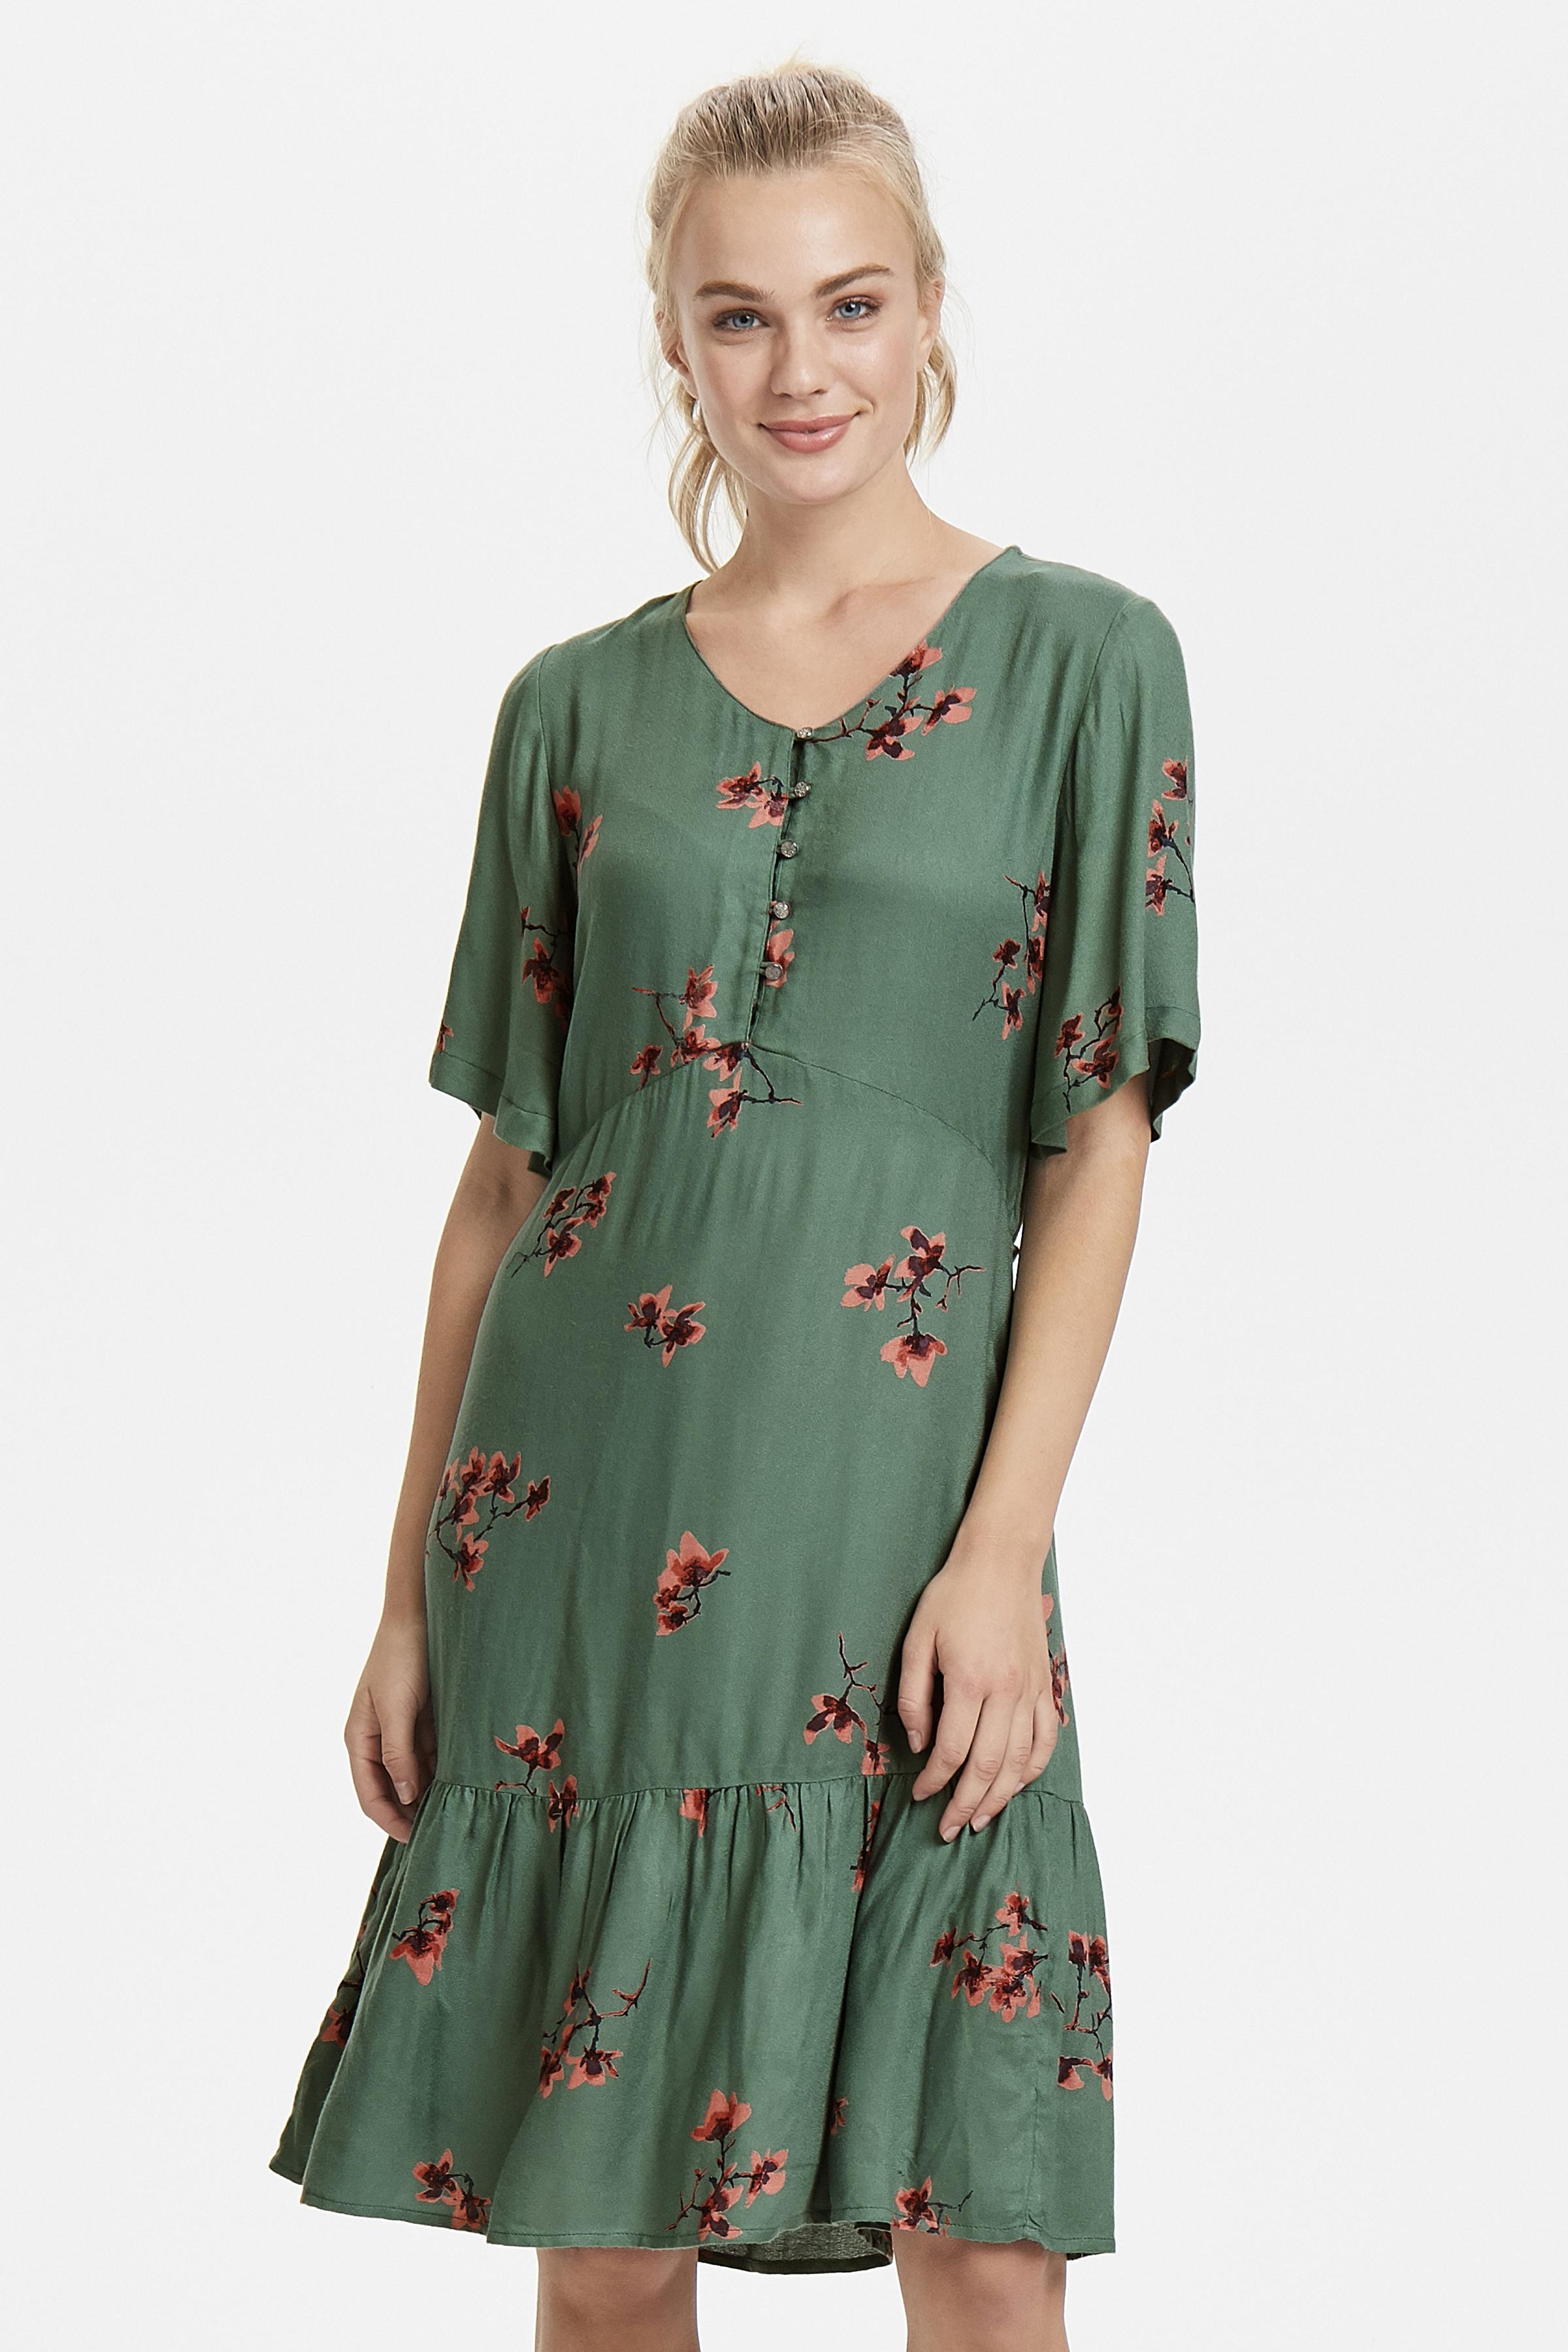 Staubgrün/korallenrot Kleid von Bon'A Parte – Shoppen Sie Staubgrün/korallenrot Kleid ab Gr. S-2XL hier